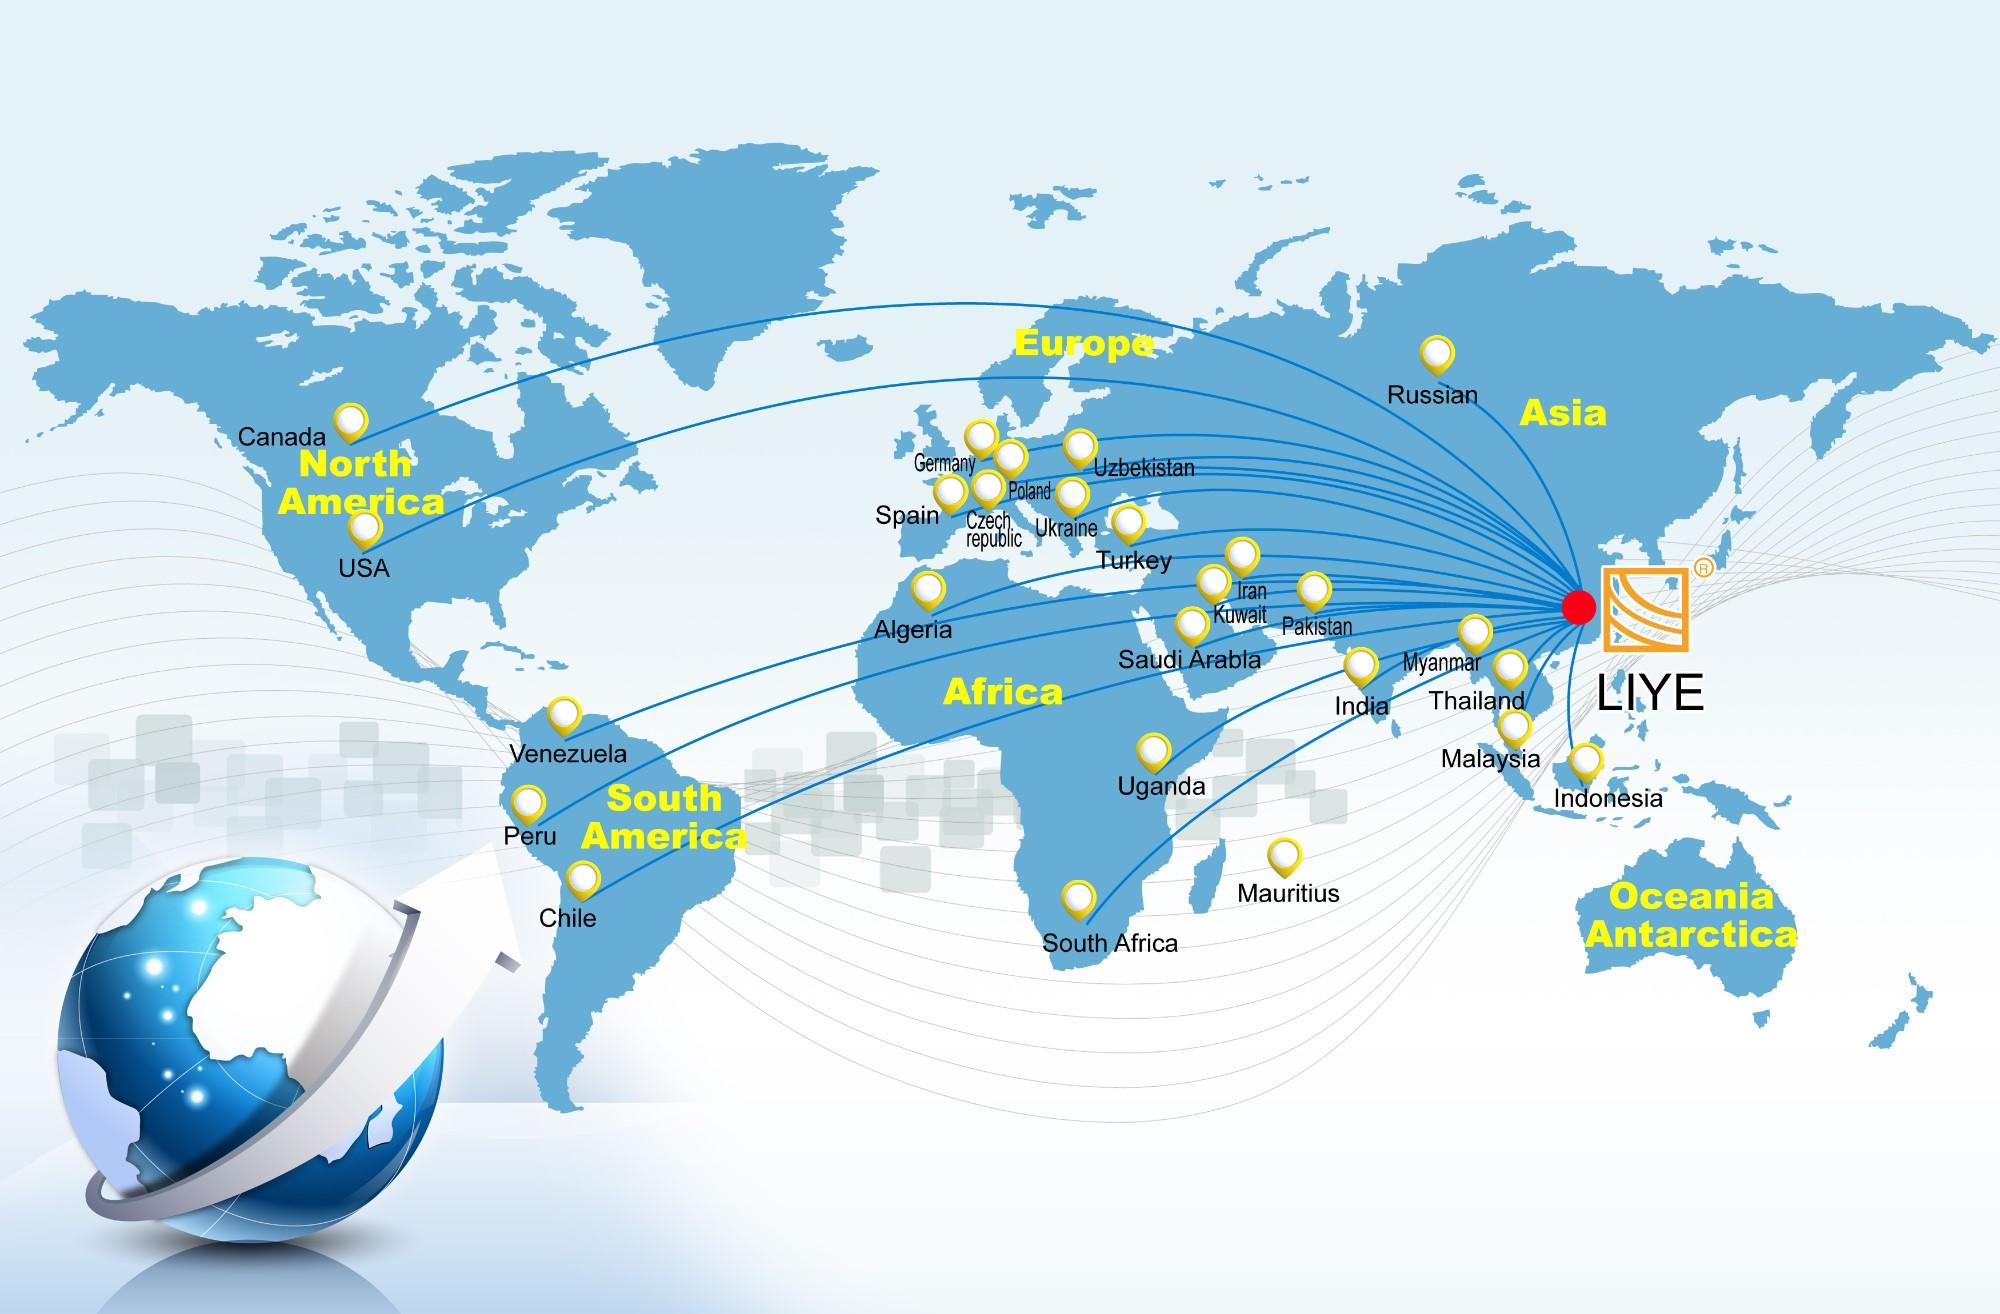 Thị trường toàn cầu và dịch vụ khách hàng của Liye Machinery